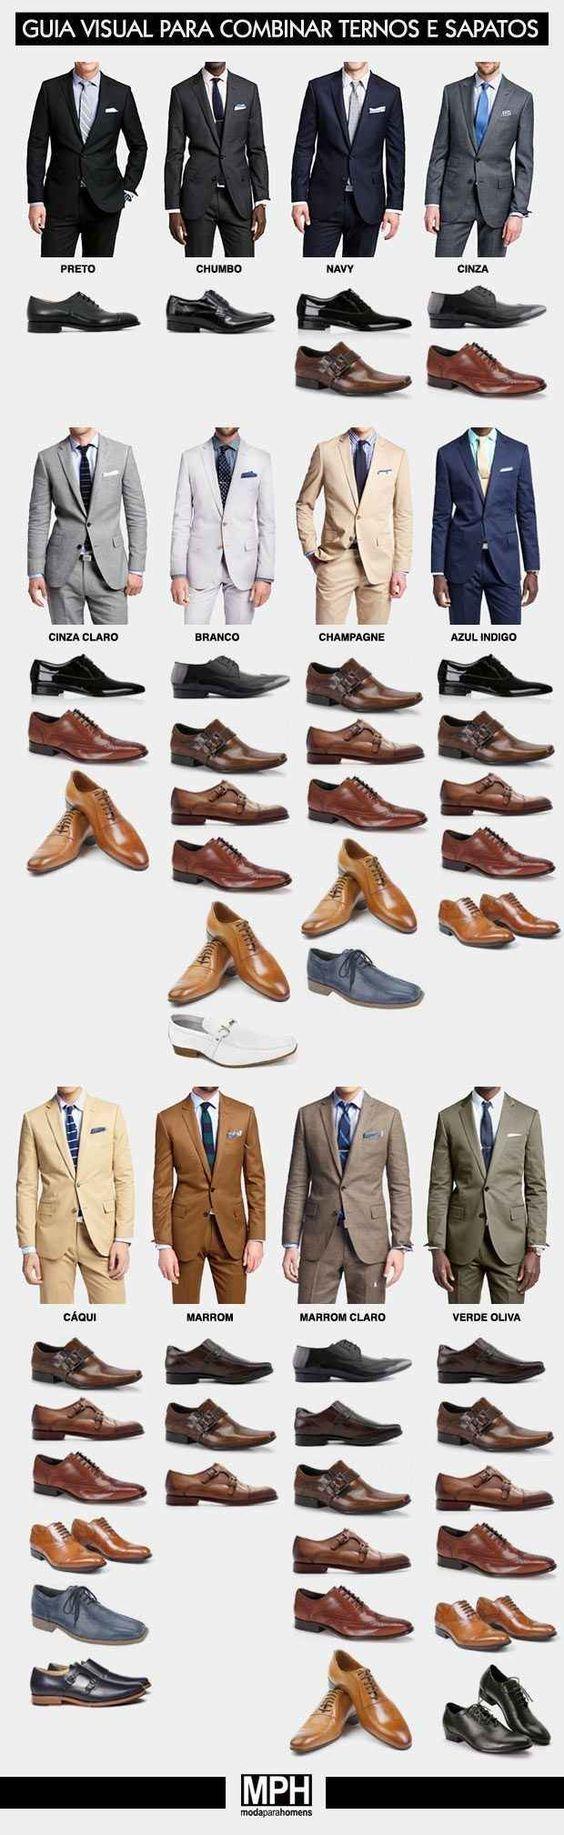 Sobald Du Deinen Anzug gewählt hast, wähle die passenden Schuhe dazu.